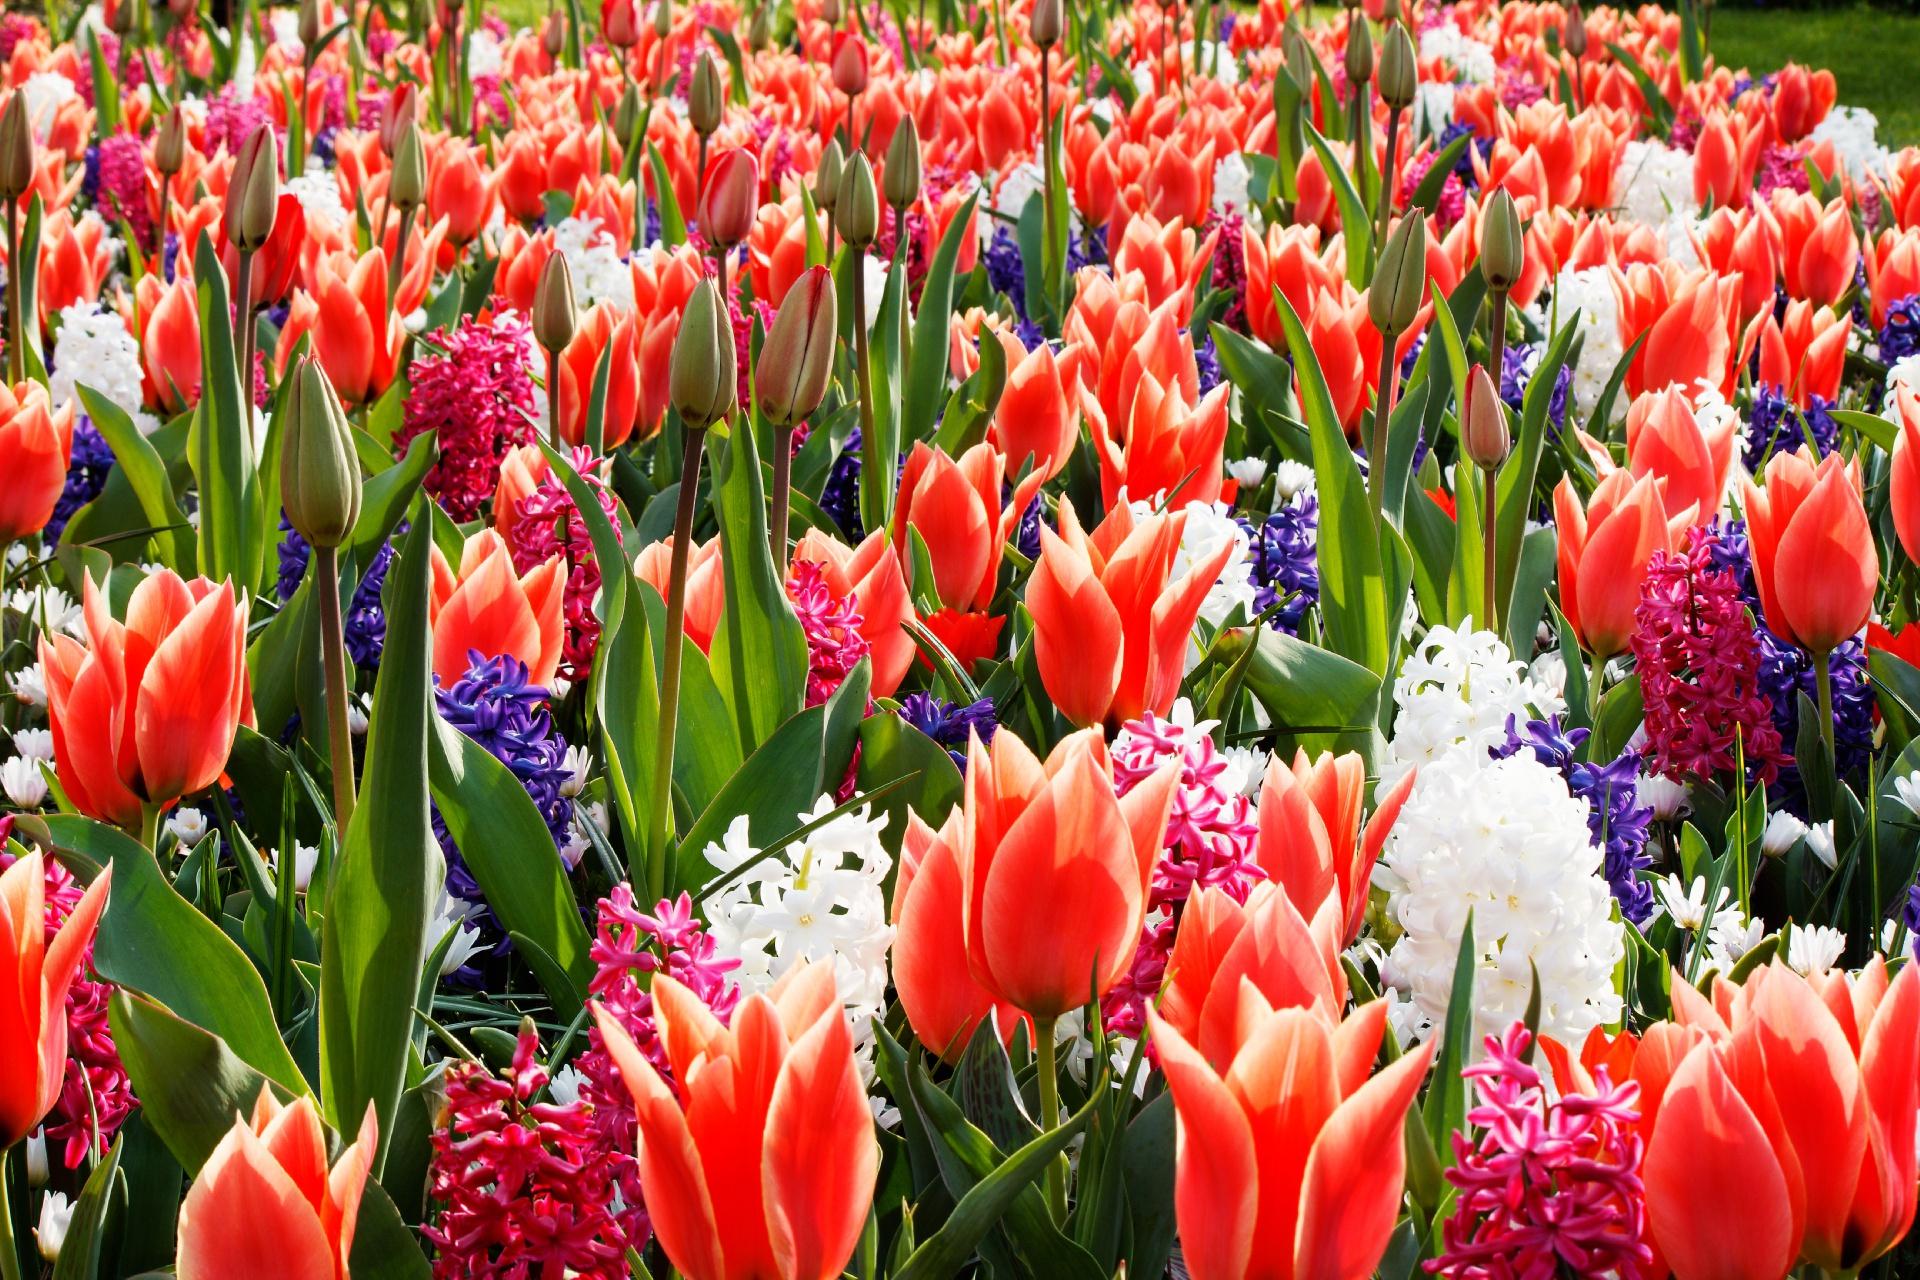 метро весна тюльпаны фото фокс лучшие